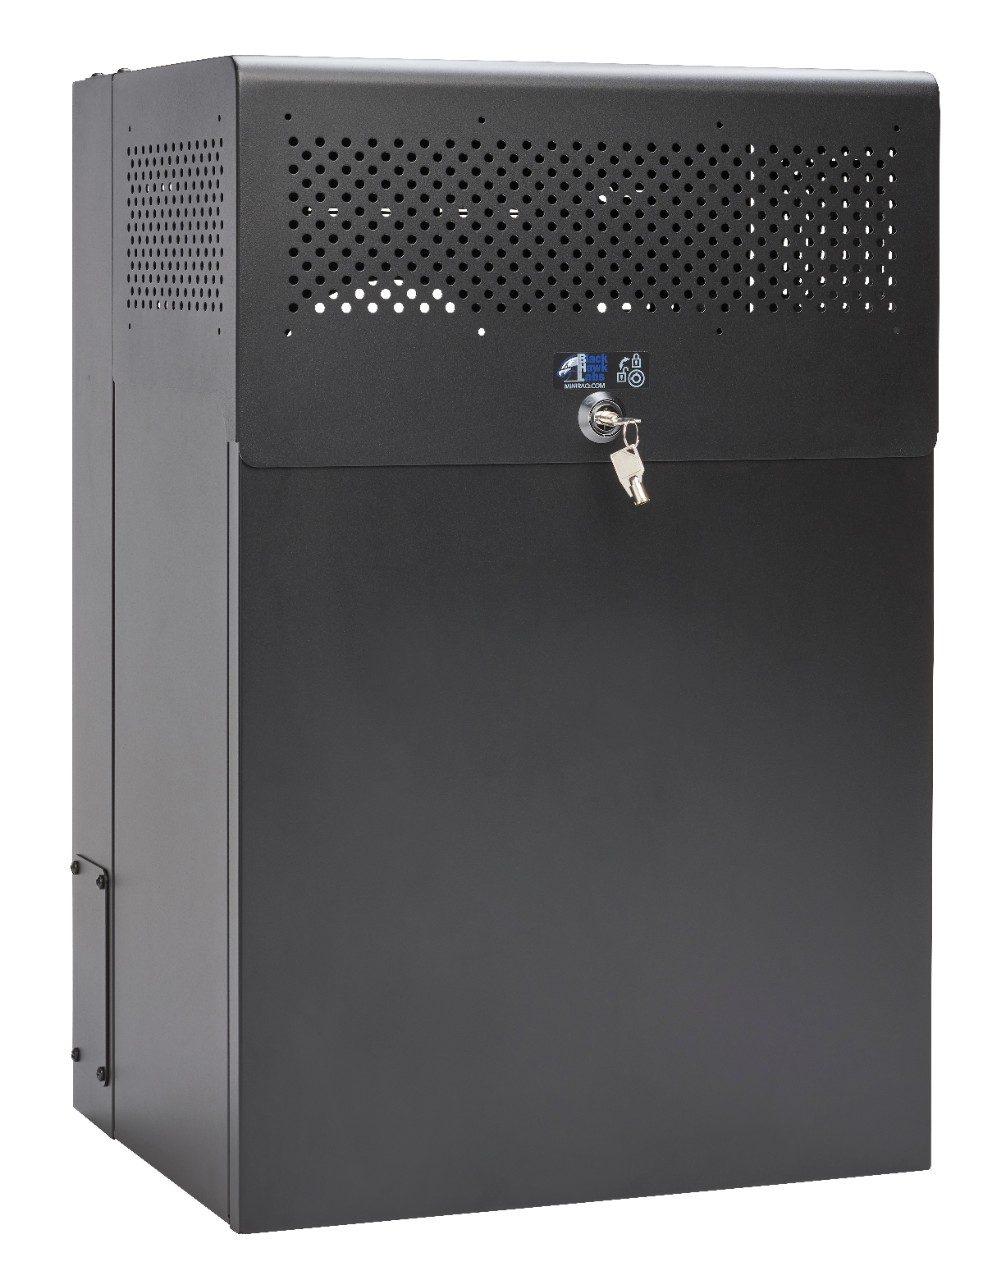 Eaton MiniRaQ edge rack